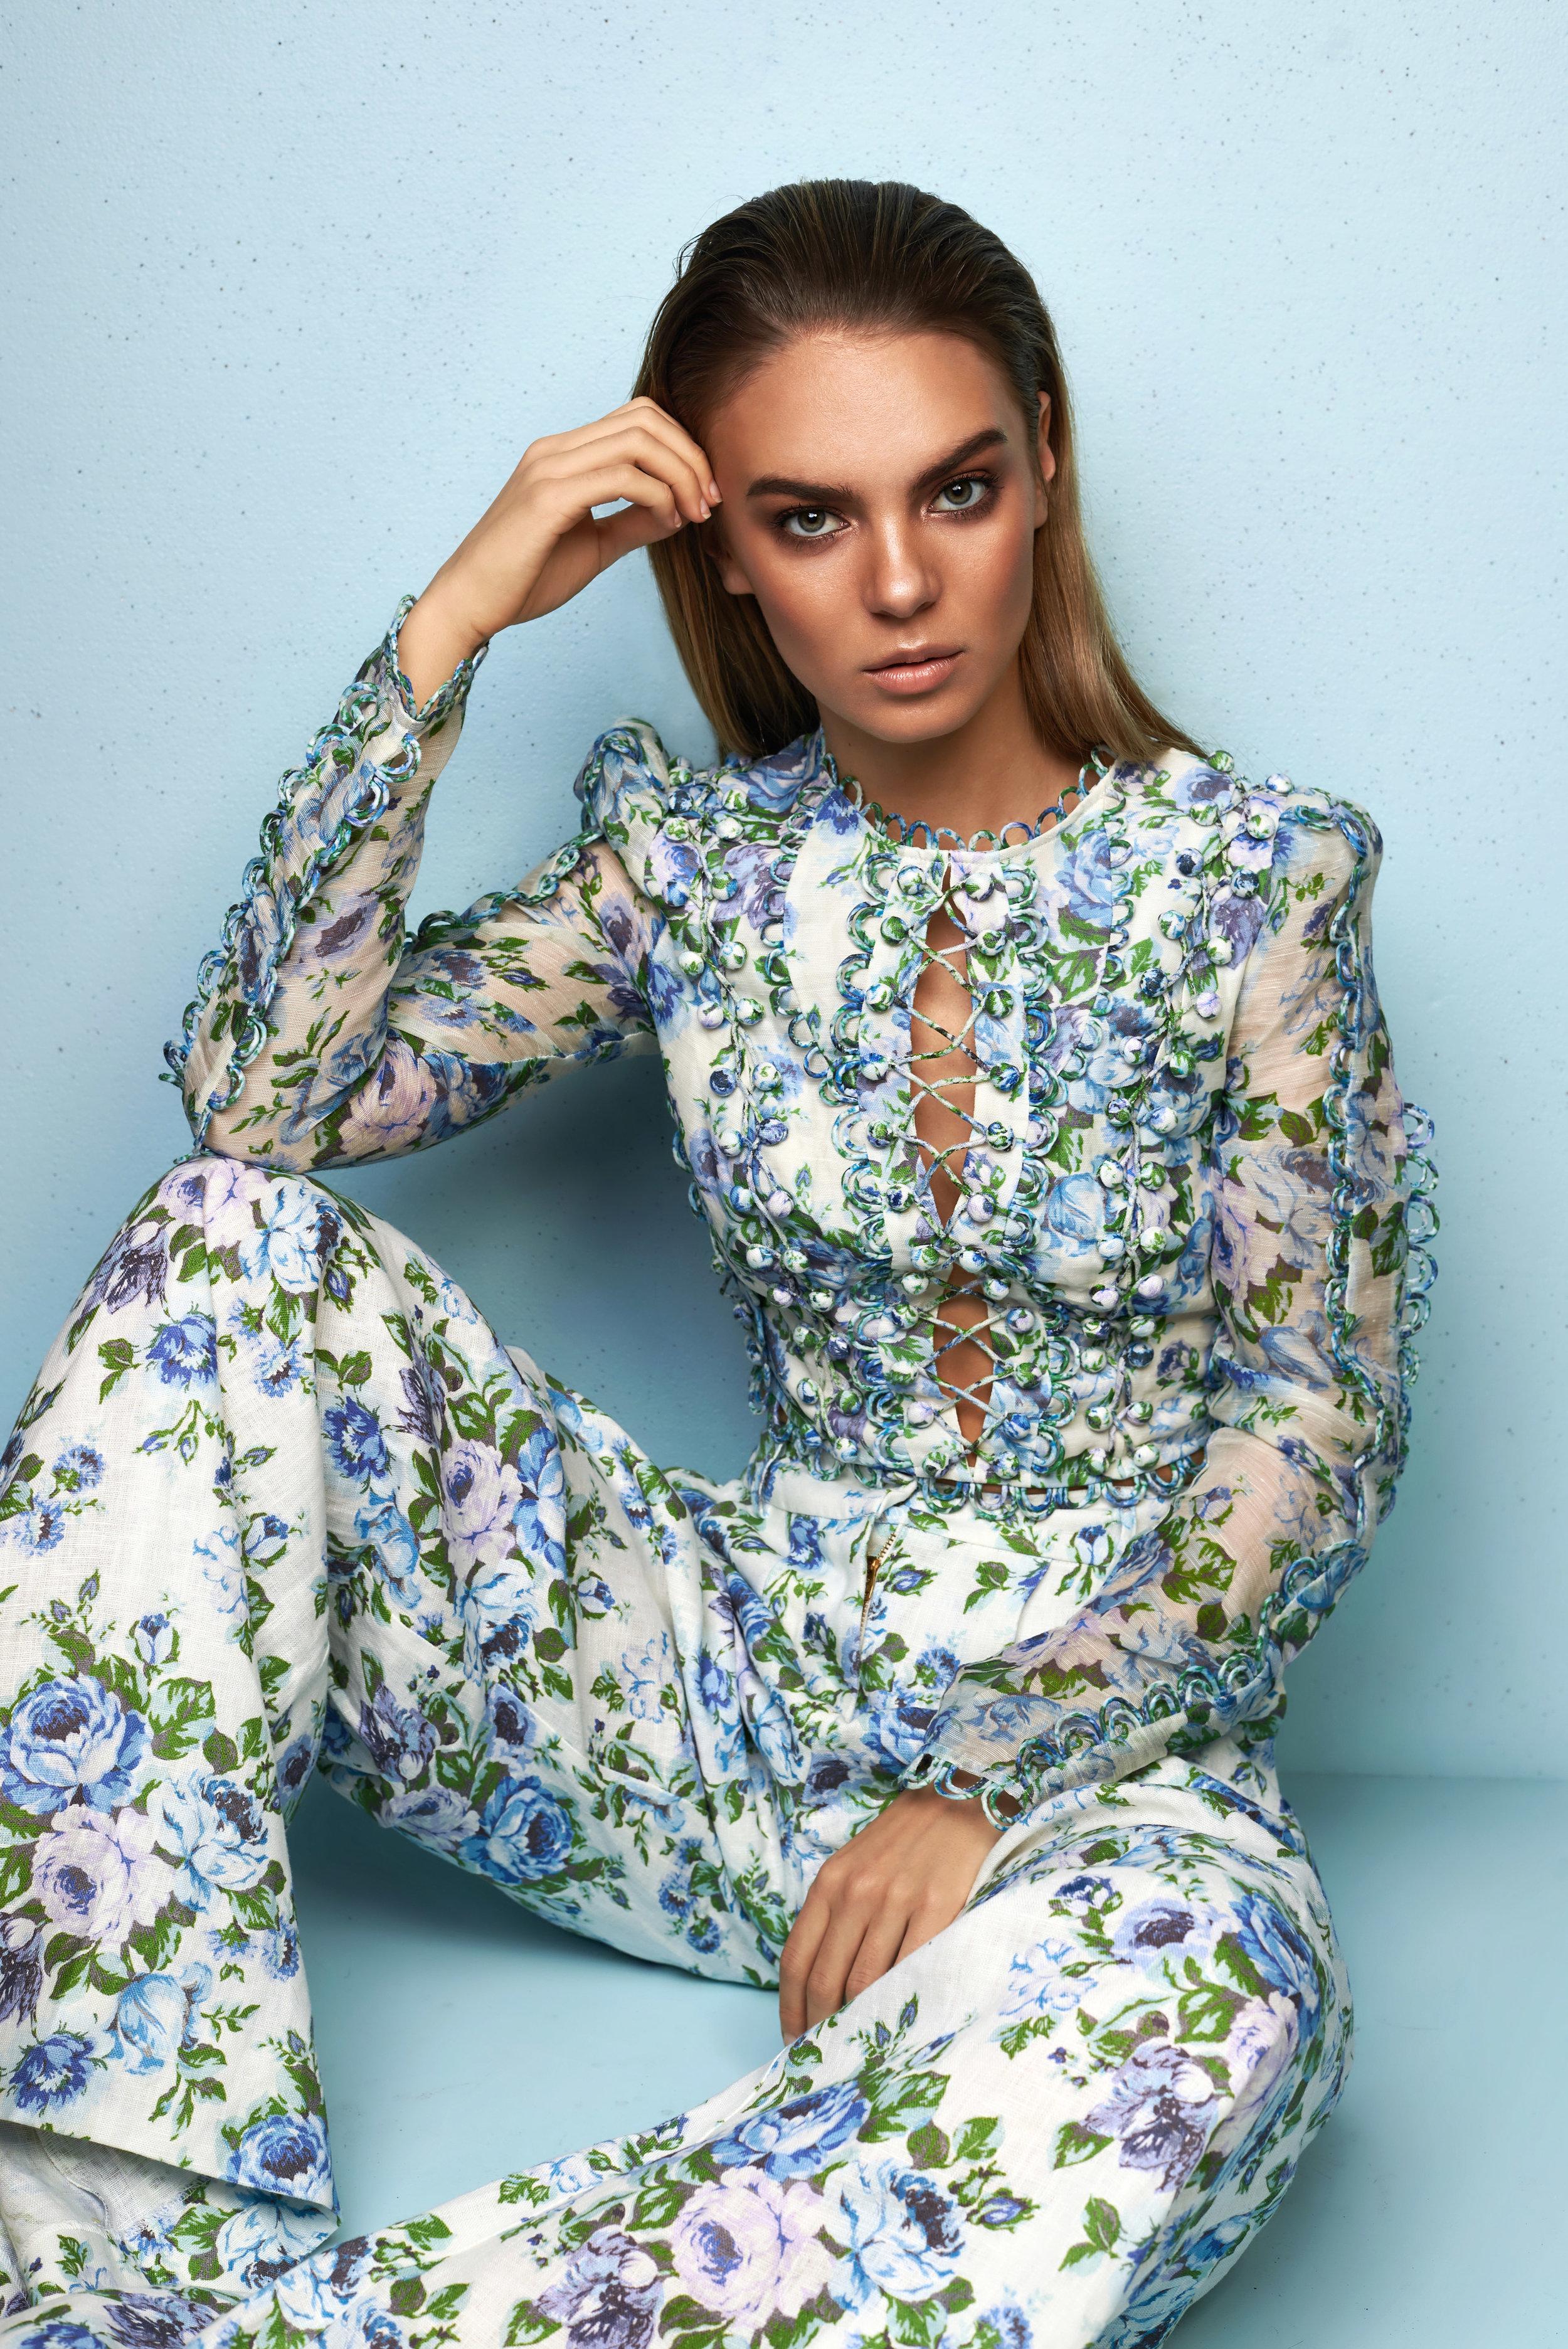 Marissa-Alden-Melbourne-Fashion-photographer-interview-10.jpg